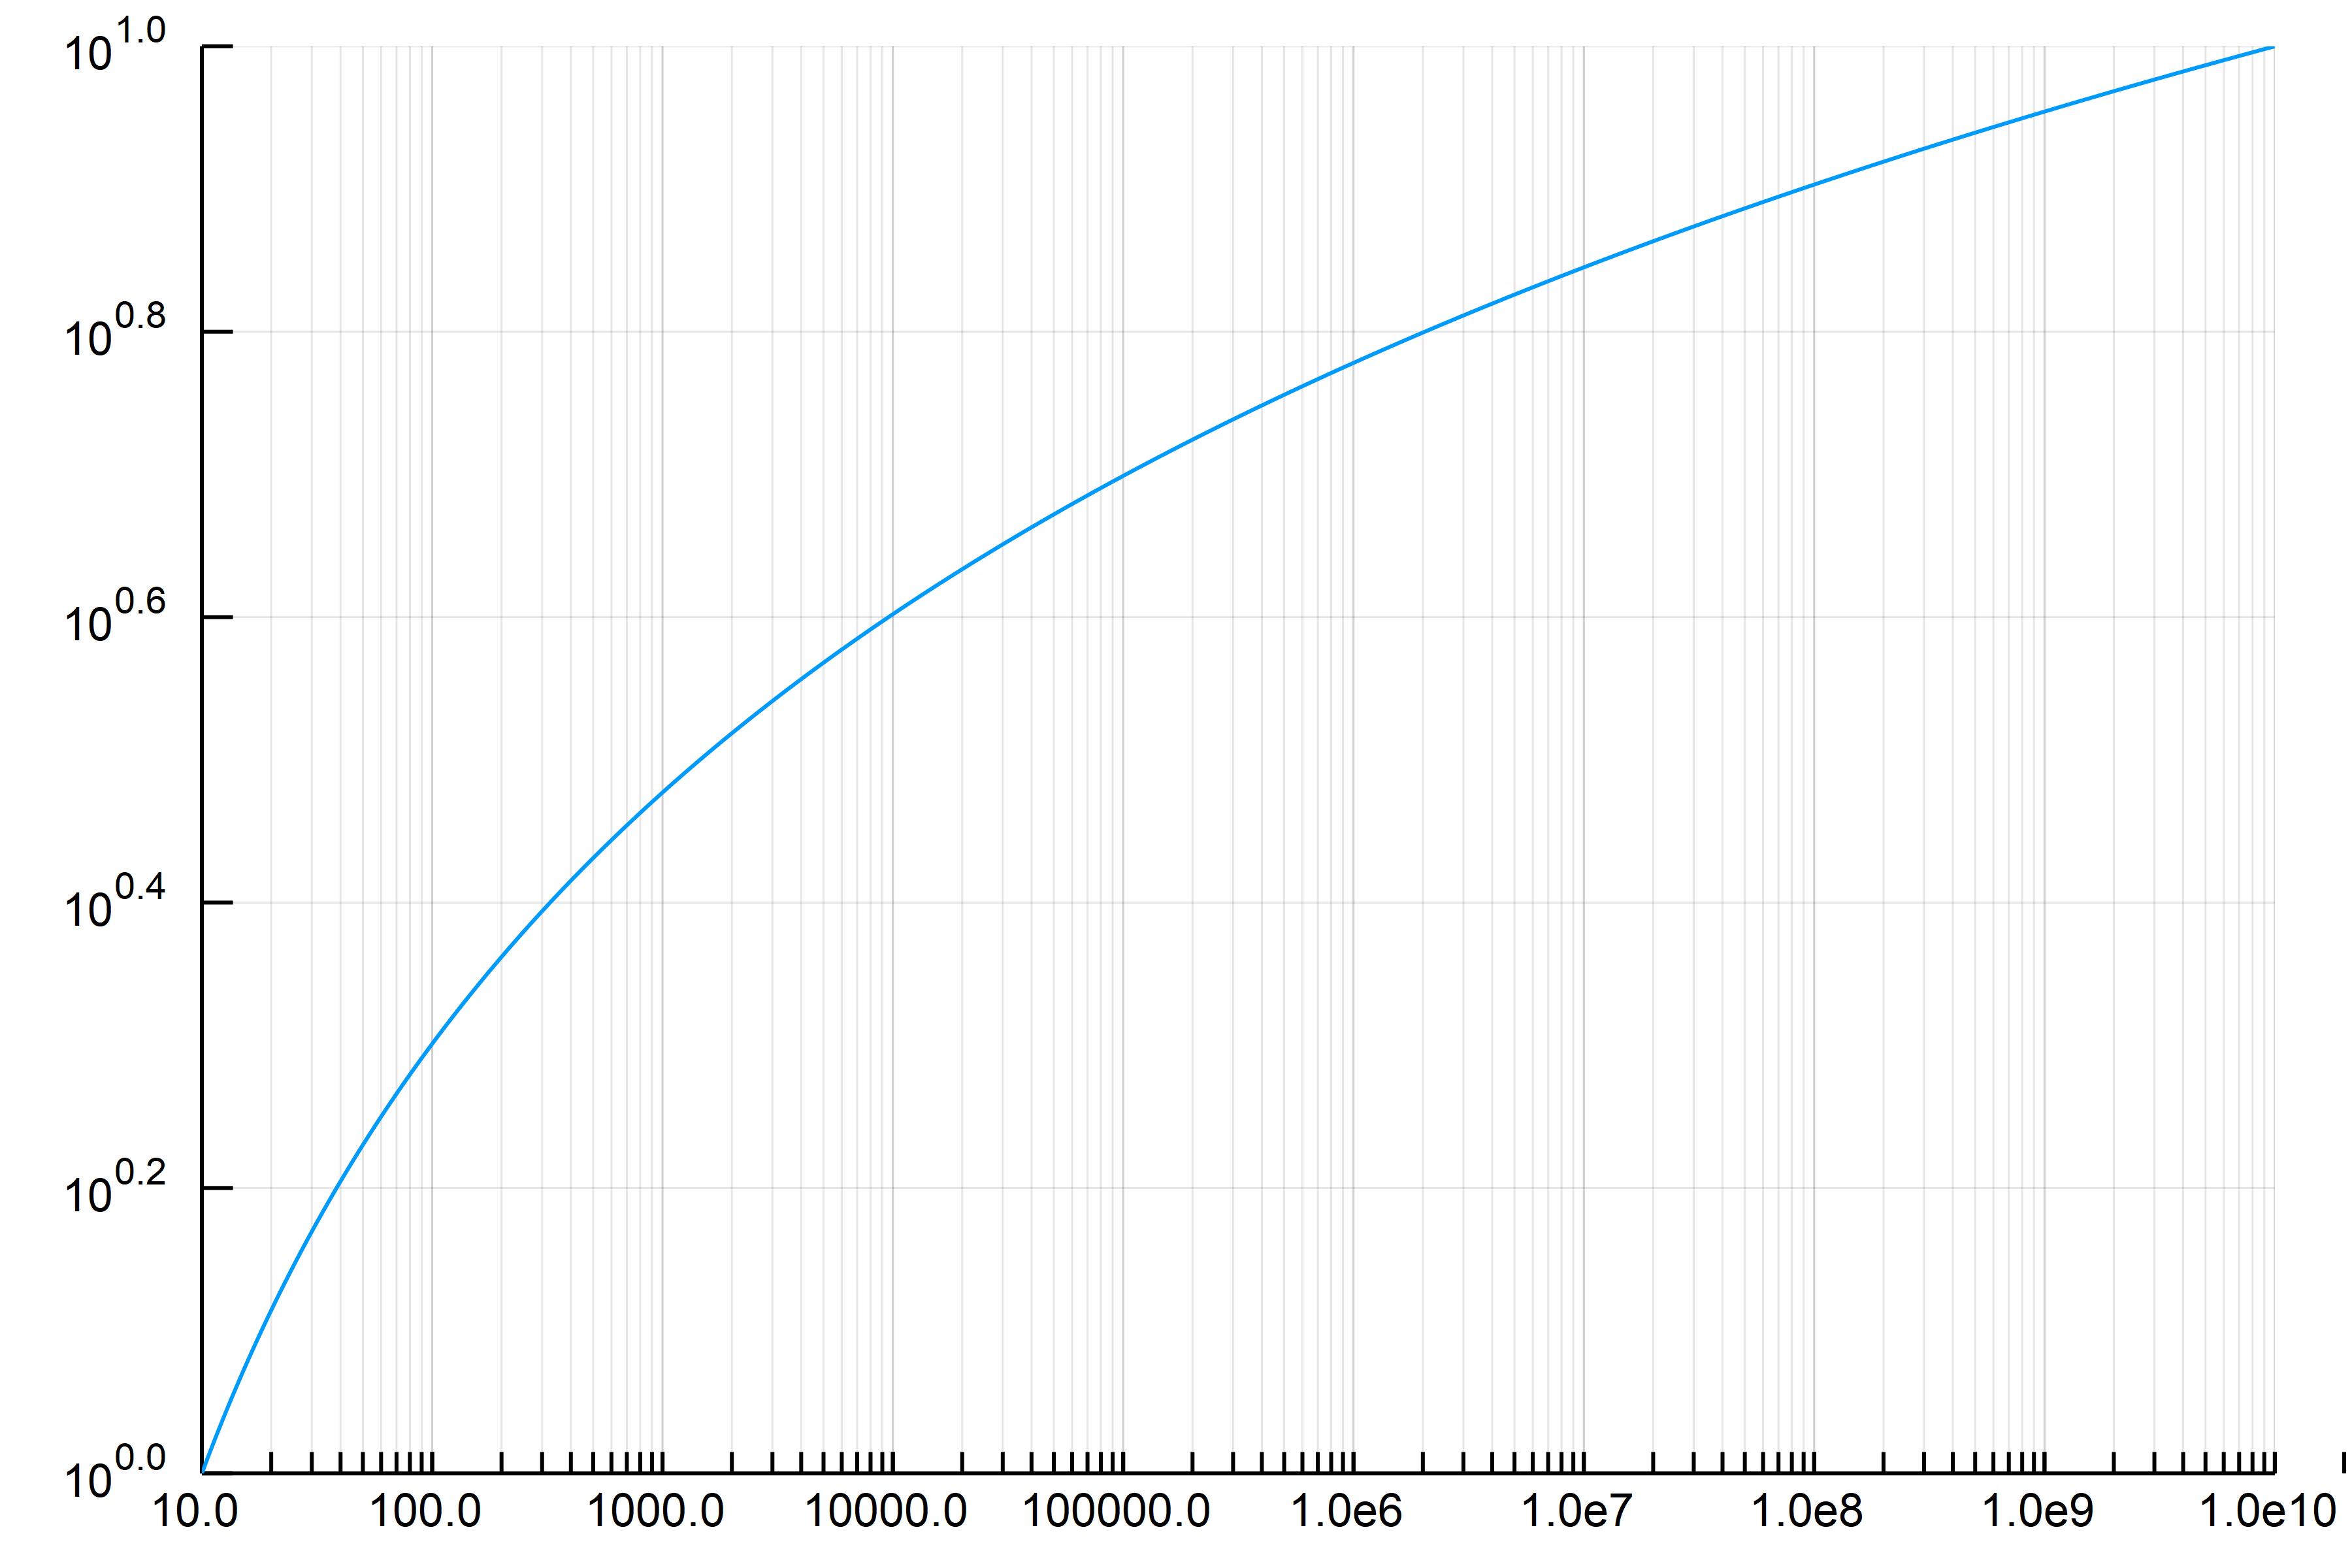 Plots jlで対数スケールにした際に、補助目盛を表示する方法 - Qiita